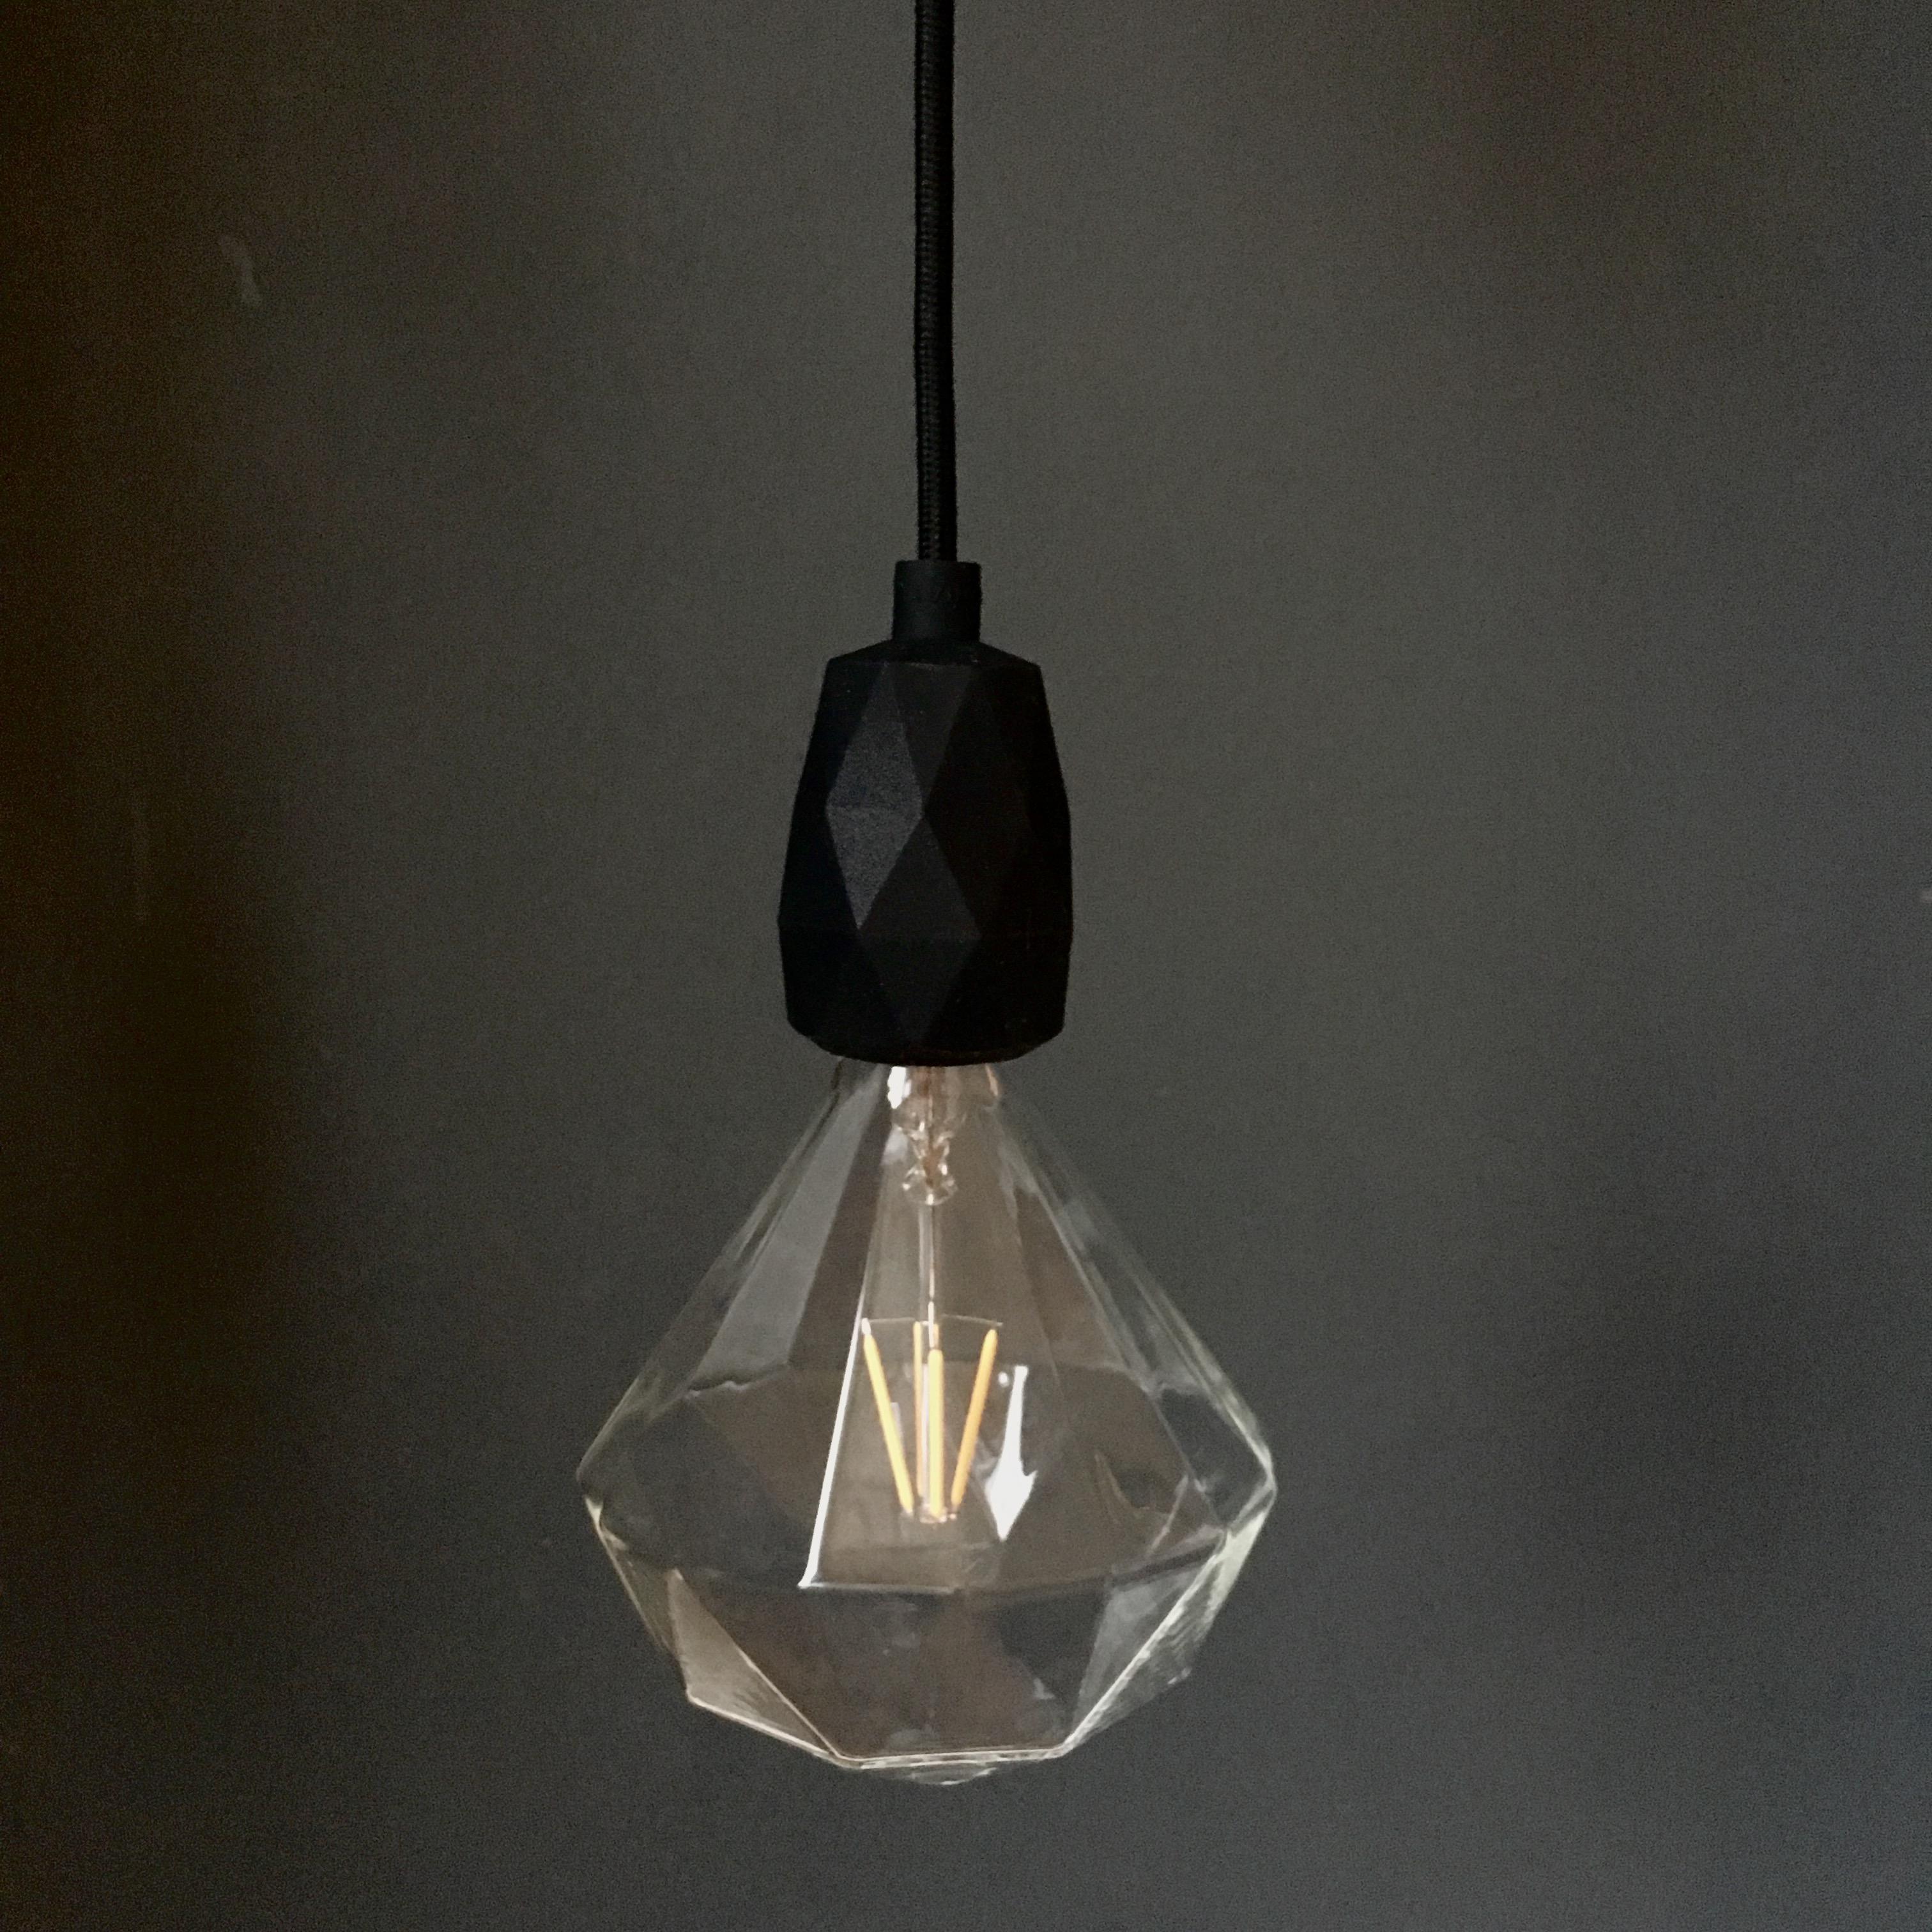 Black Diamond E27 Pendant Light Fitting